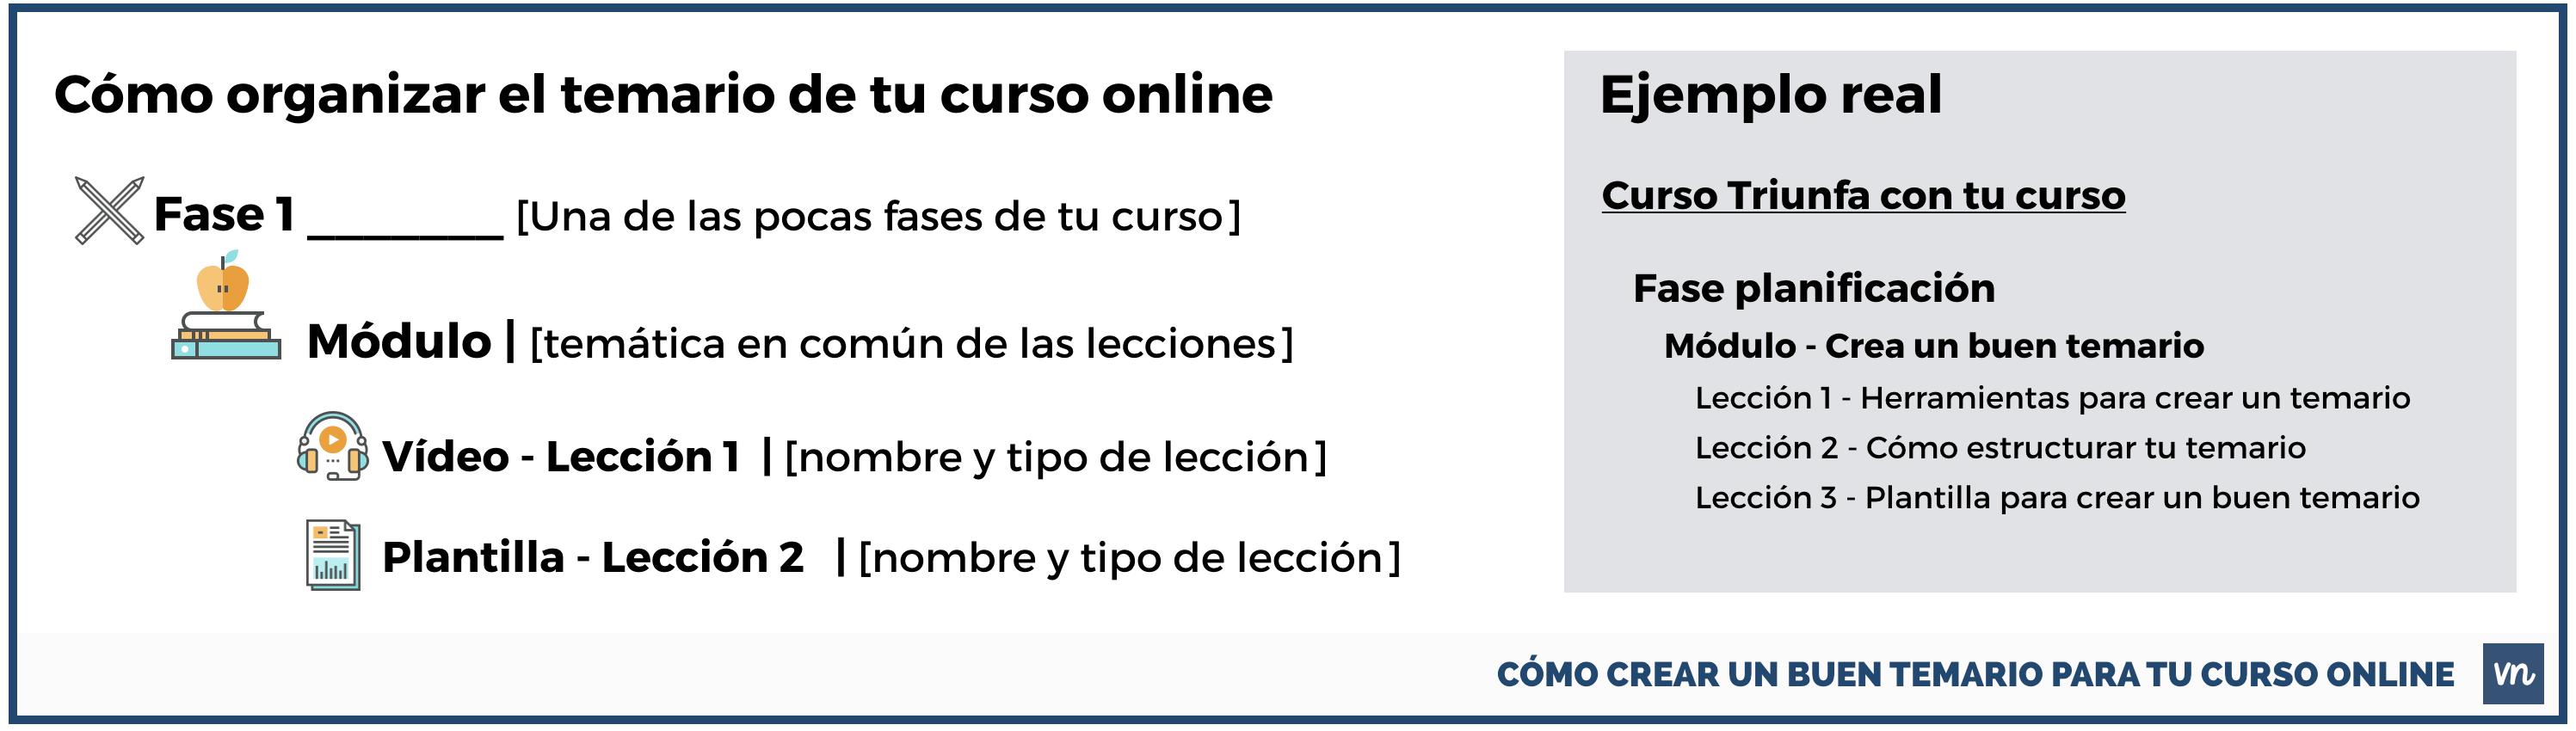 Cómo crear el mejor temario de tu curso online [Pack Plantillas]